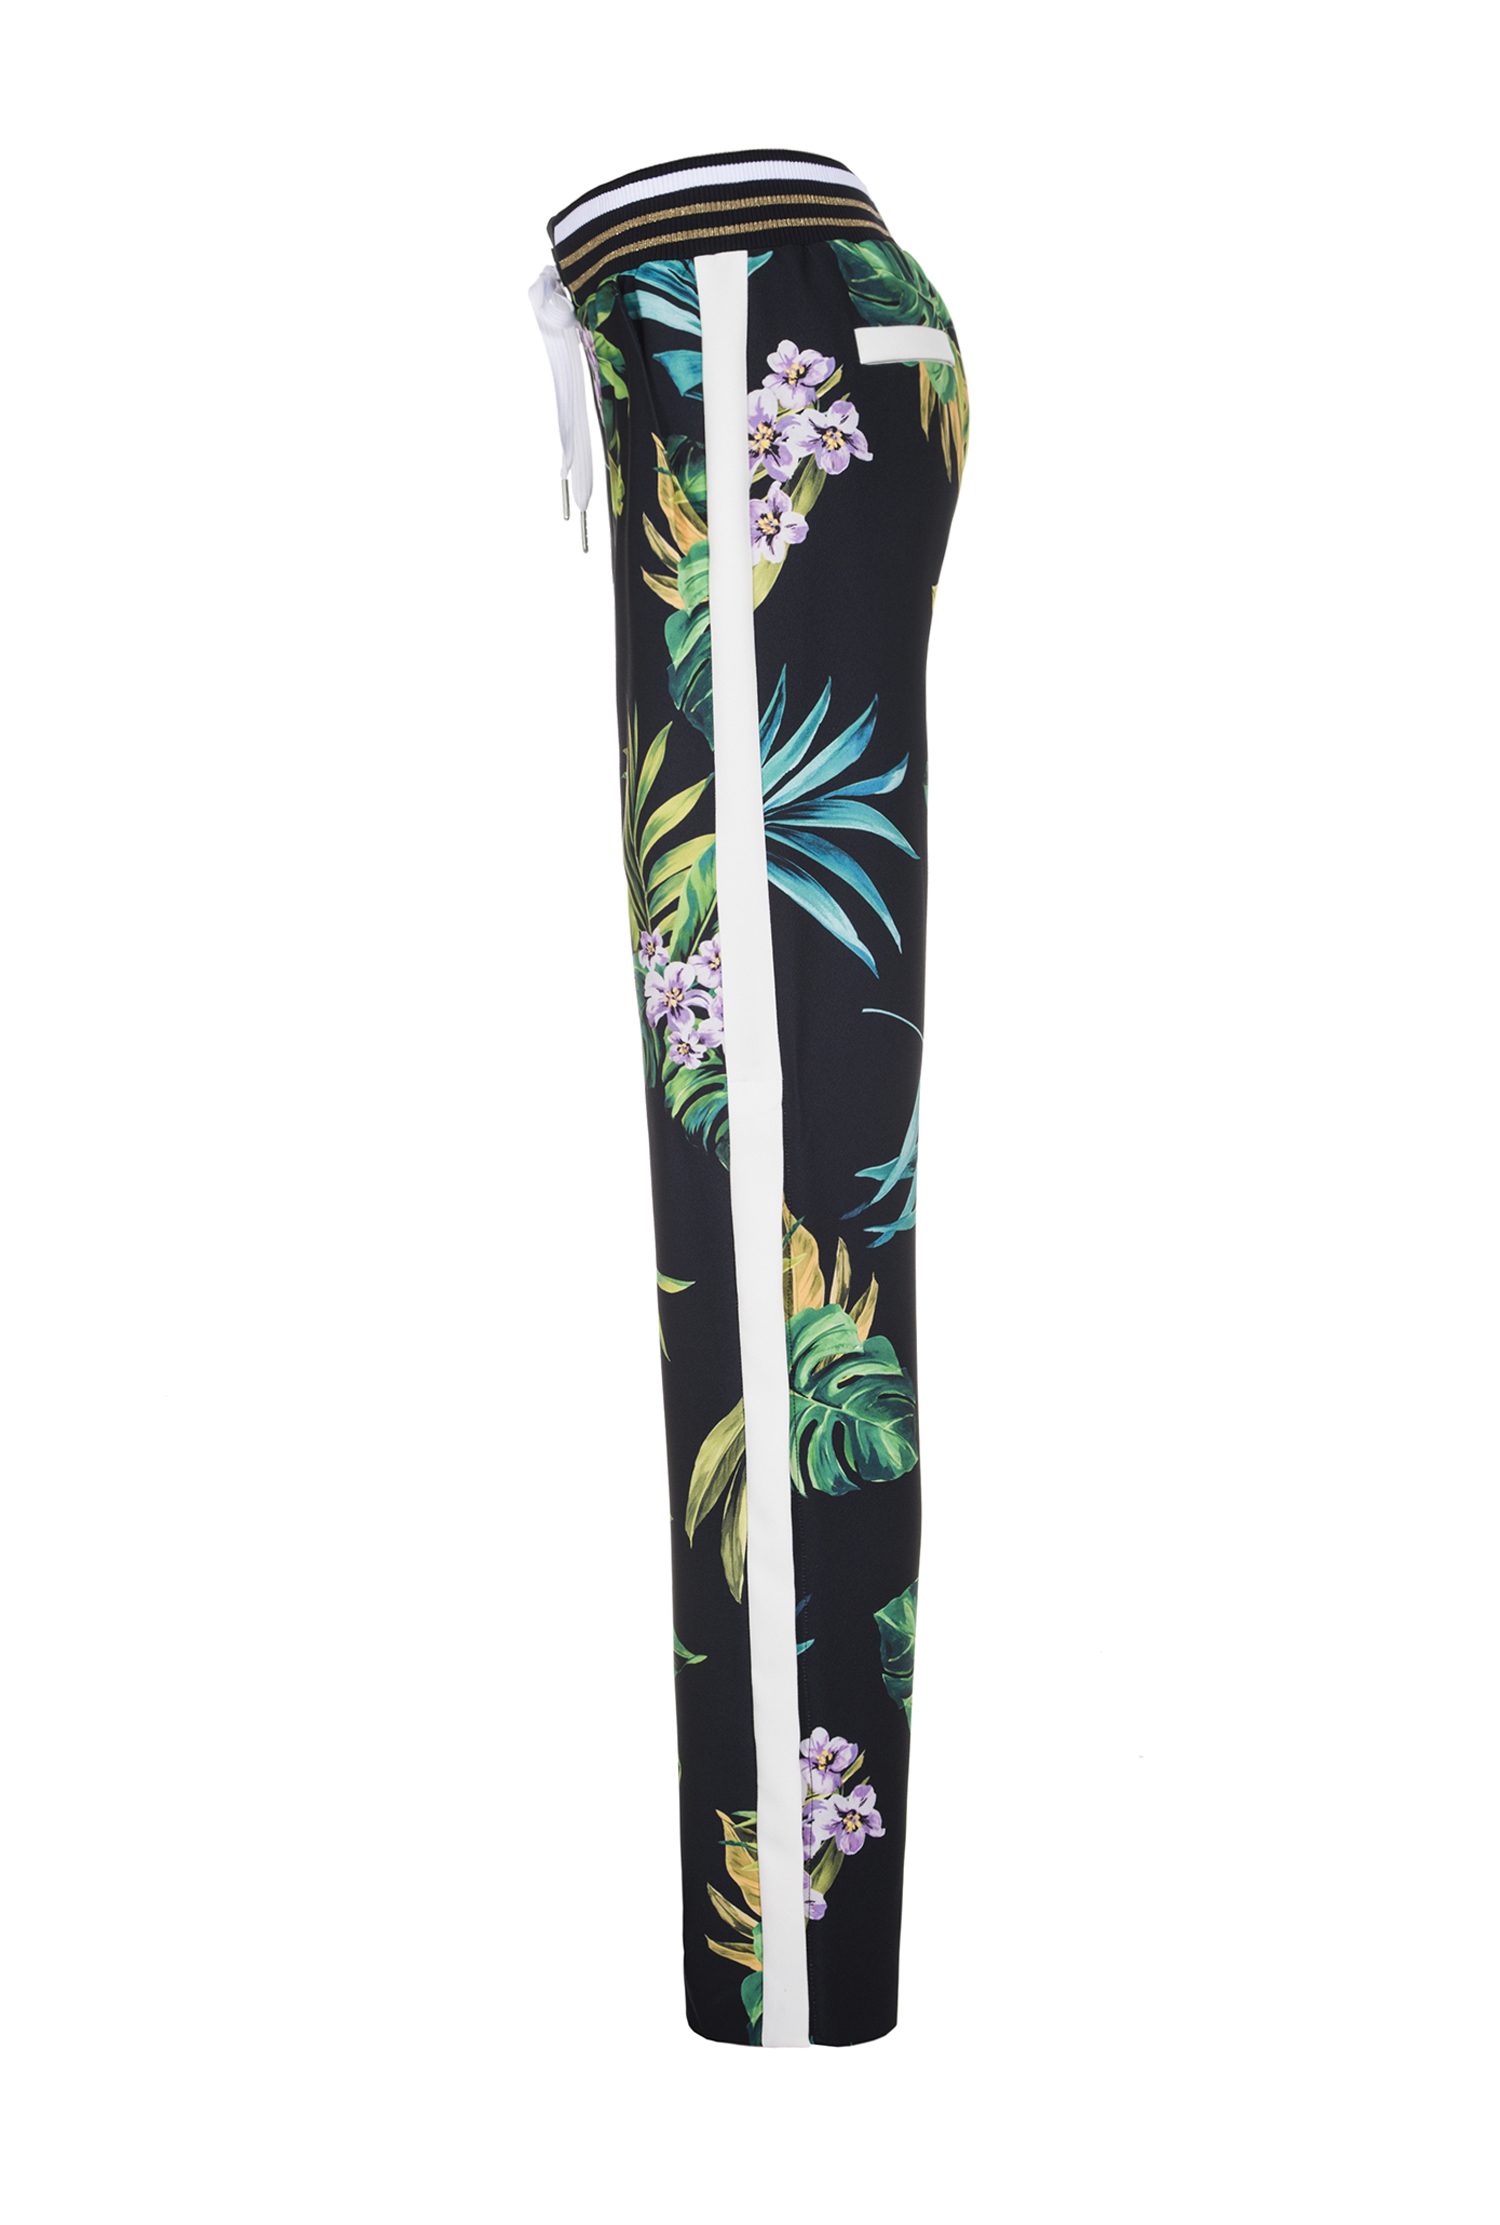 Aυτό το παντελόνι που έβαλε η Κατερίνα Καινούργιου είναι ό,τι πιο ωραίο είδαμε σήμερα!